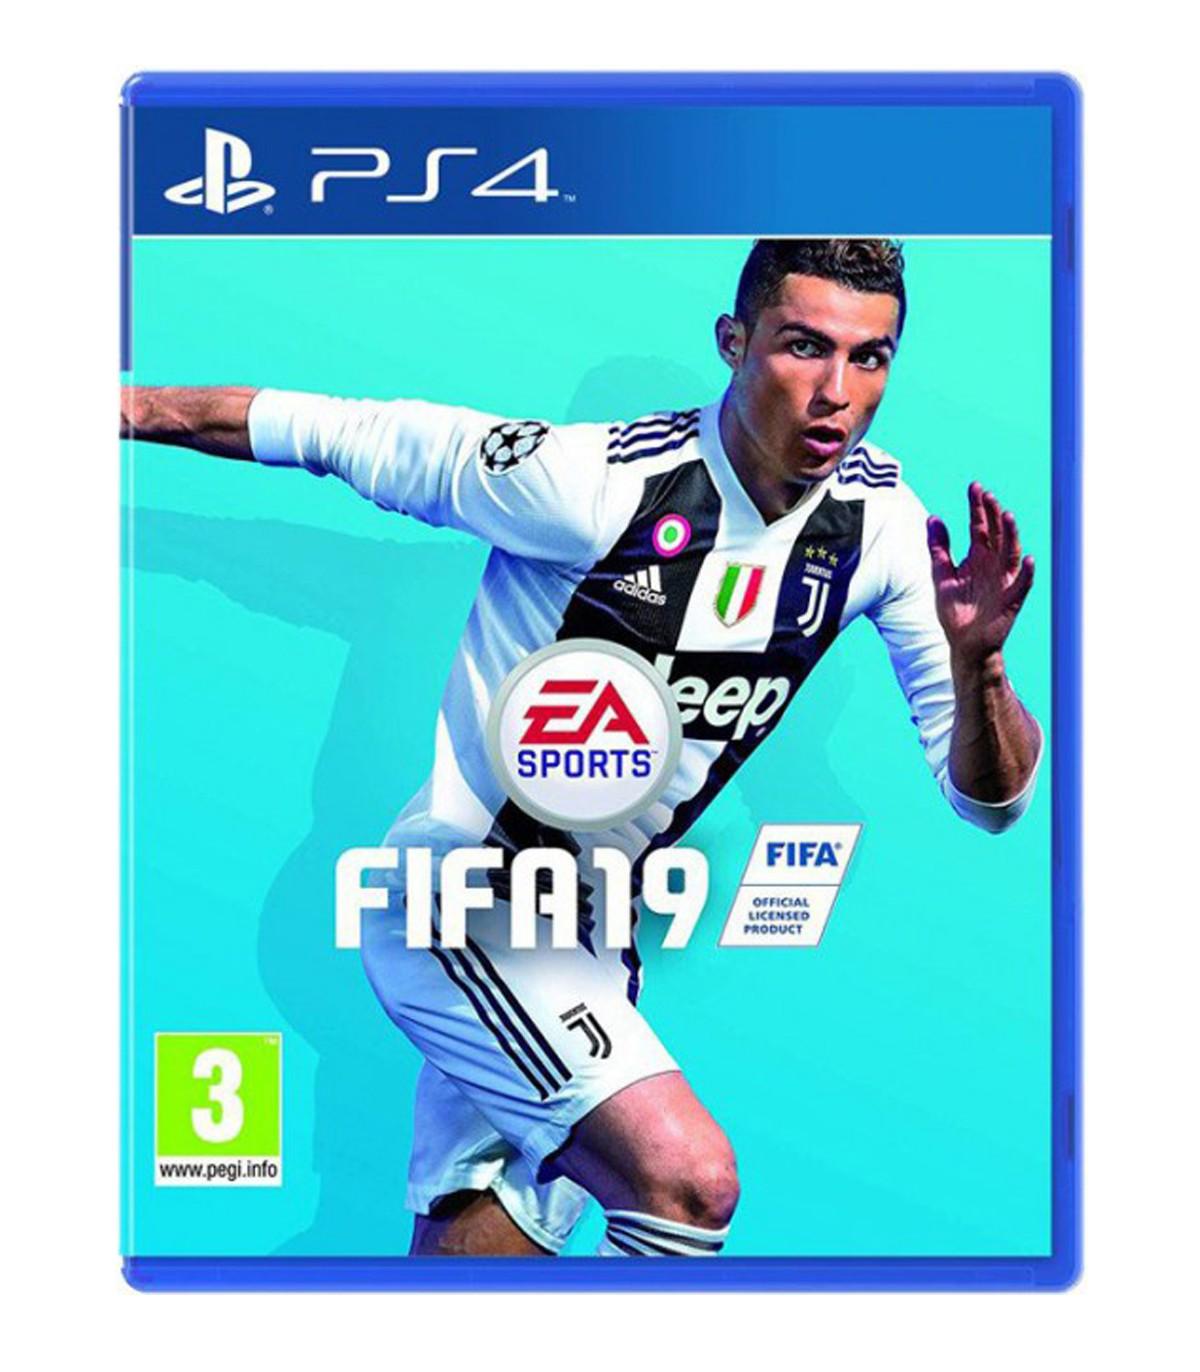 بازی فیفا FIFA 19 کارکرده - پلی استیشن 4